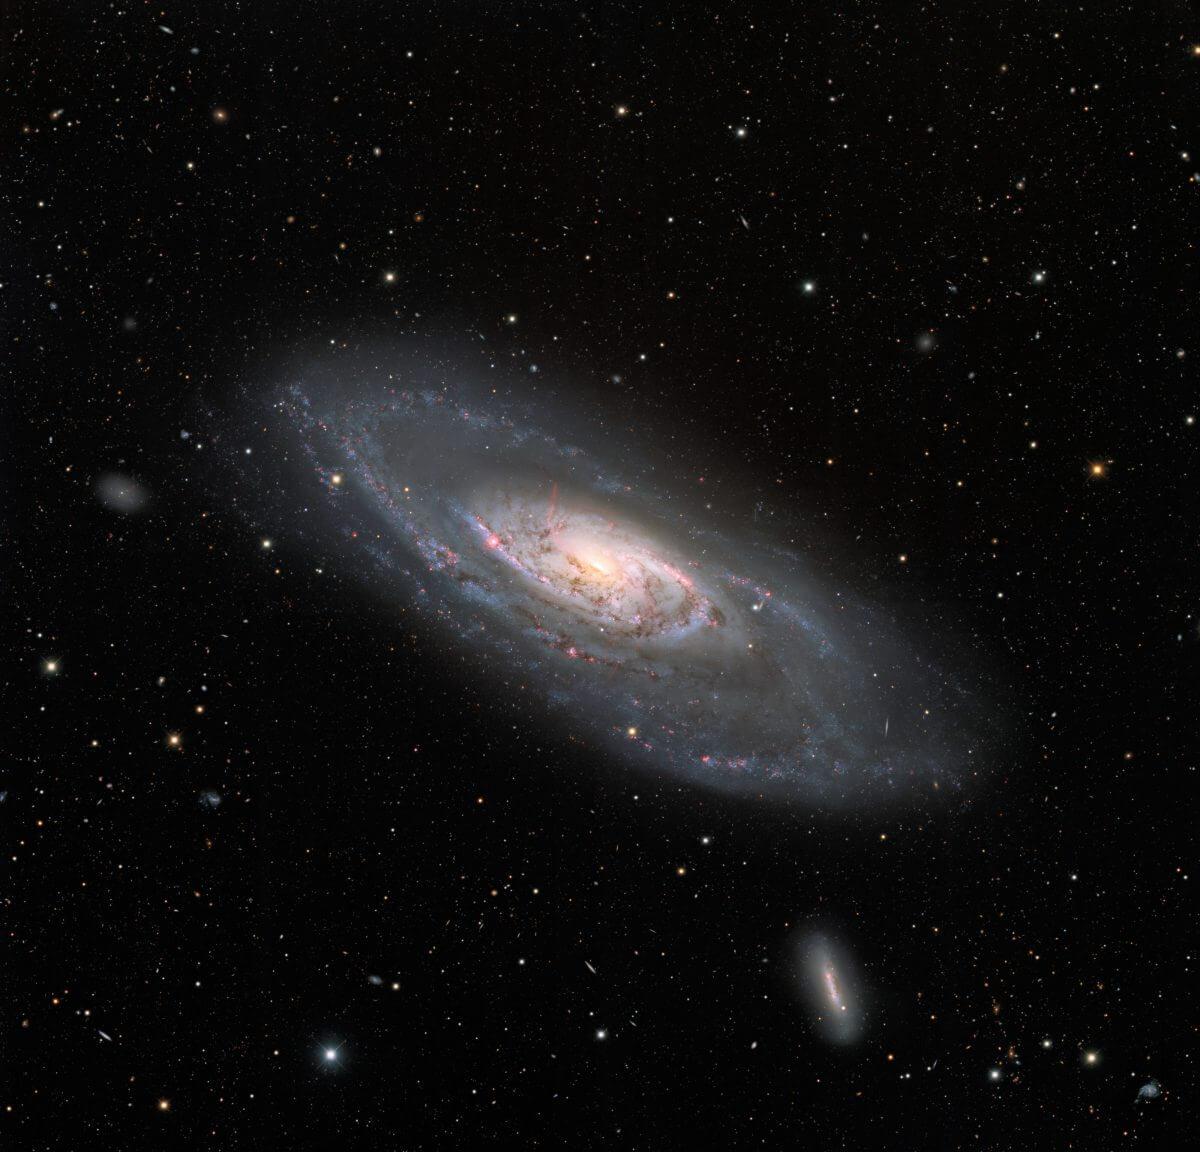 渦巻銀河「M106」(Credit: KPNO/NOIRLab/NSF/AURA, Acknowledgment: PI: M.T. Patterson (New Mexico State University), Image processing: T.A. Rector (University of Alaska Anchorage), M. Zamani & D. de Martin)